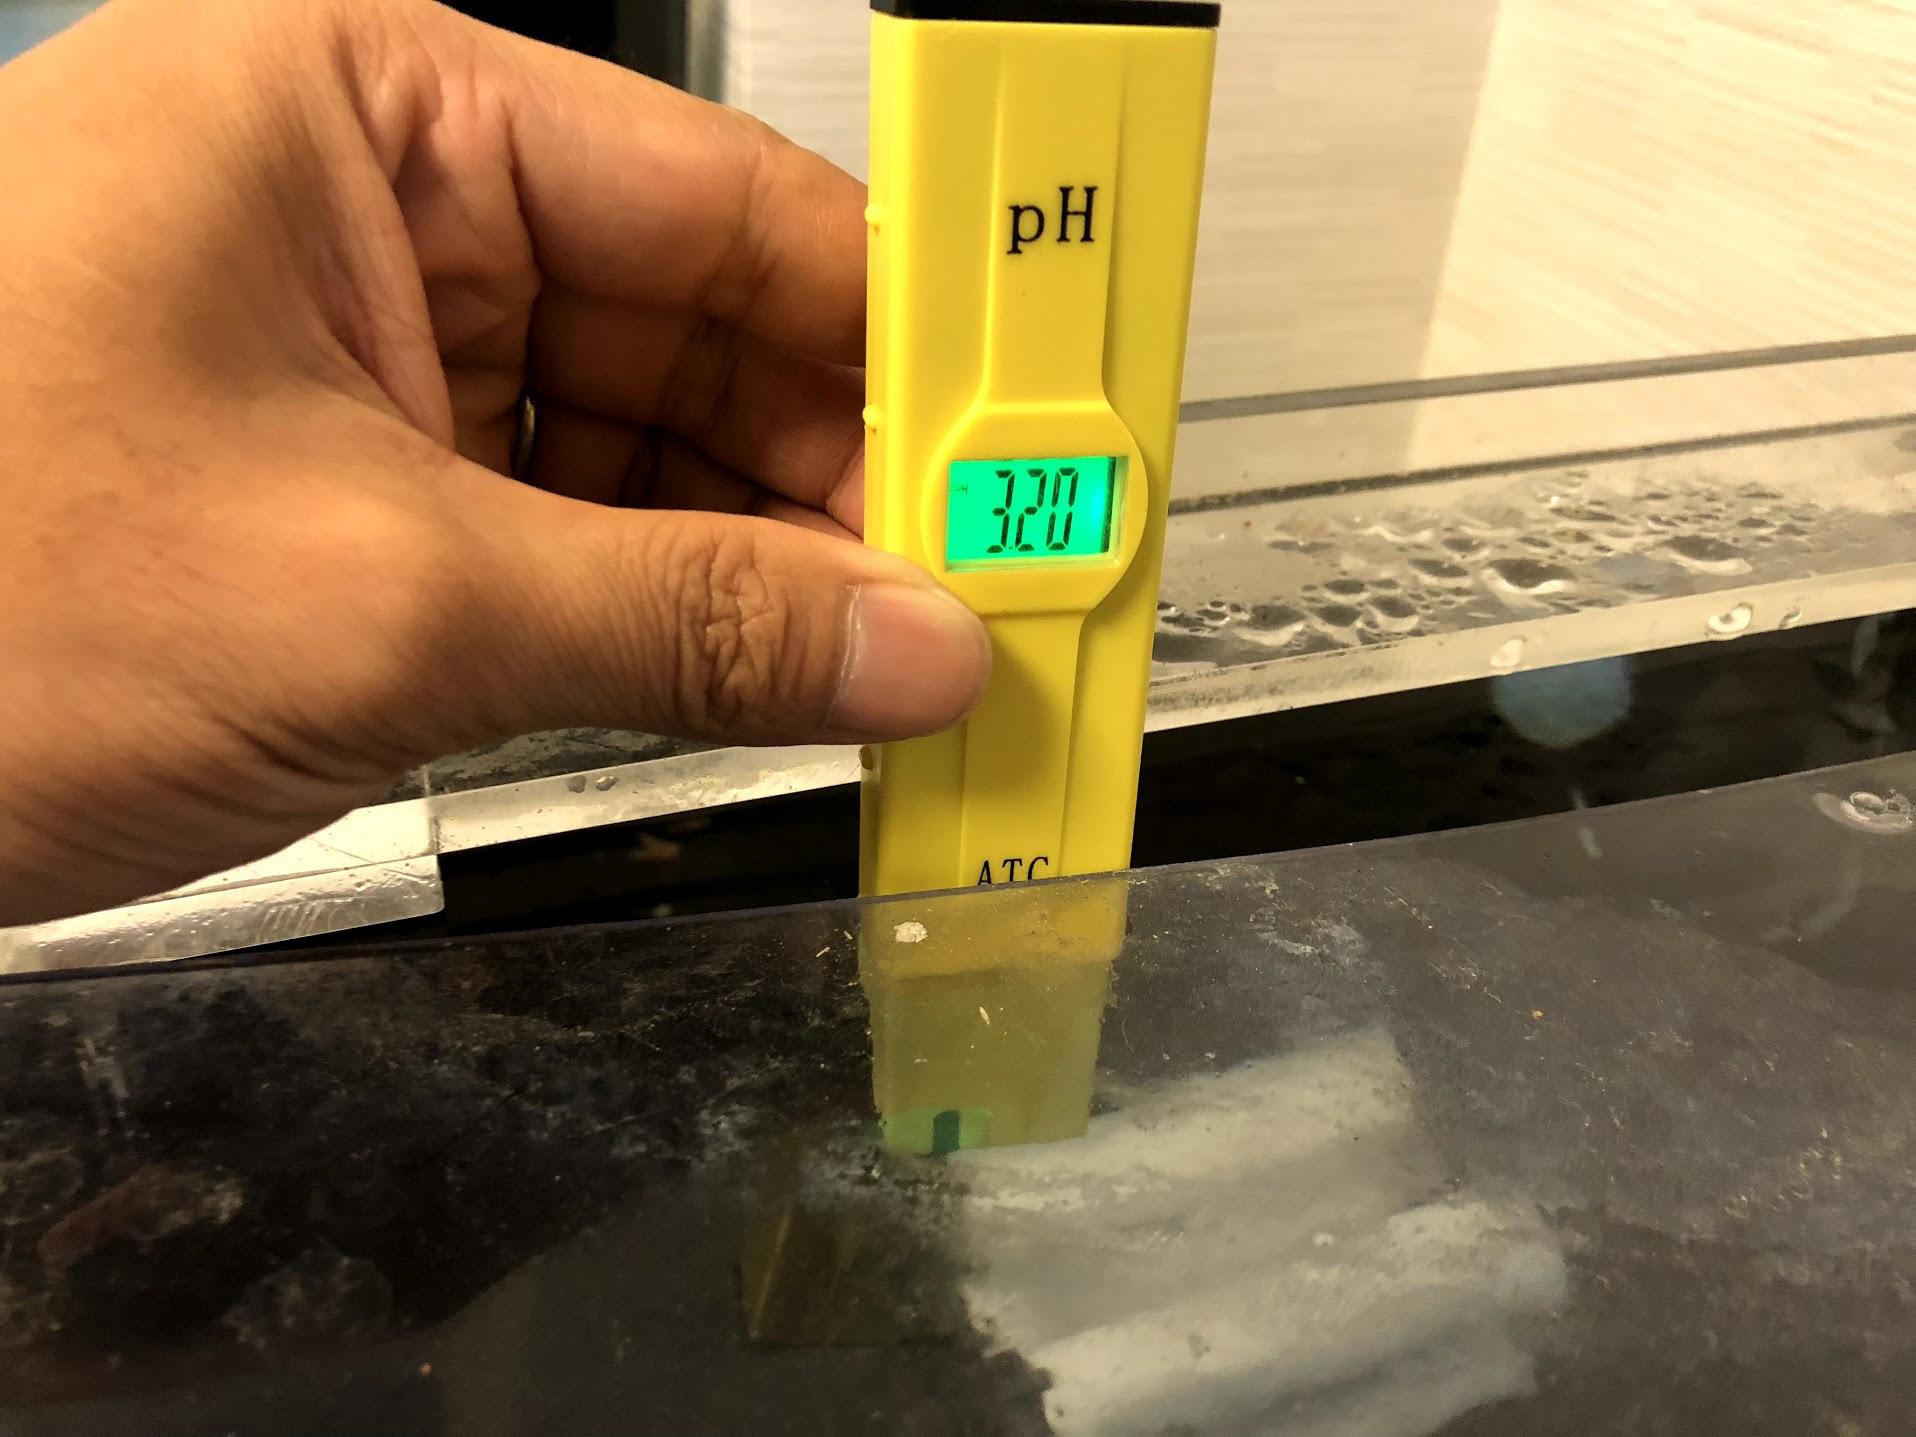 【悲報】pH3表示されるのでAukru pHメーターを初期不良で返品します